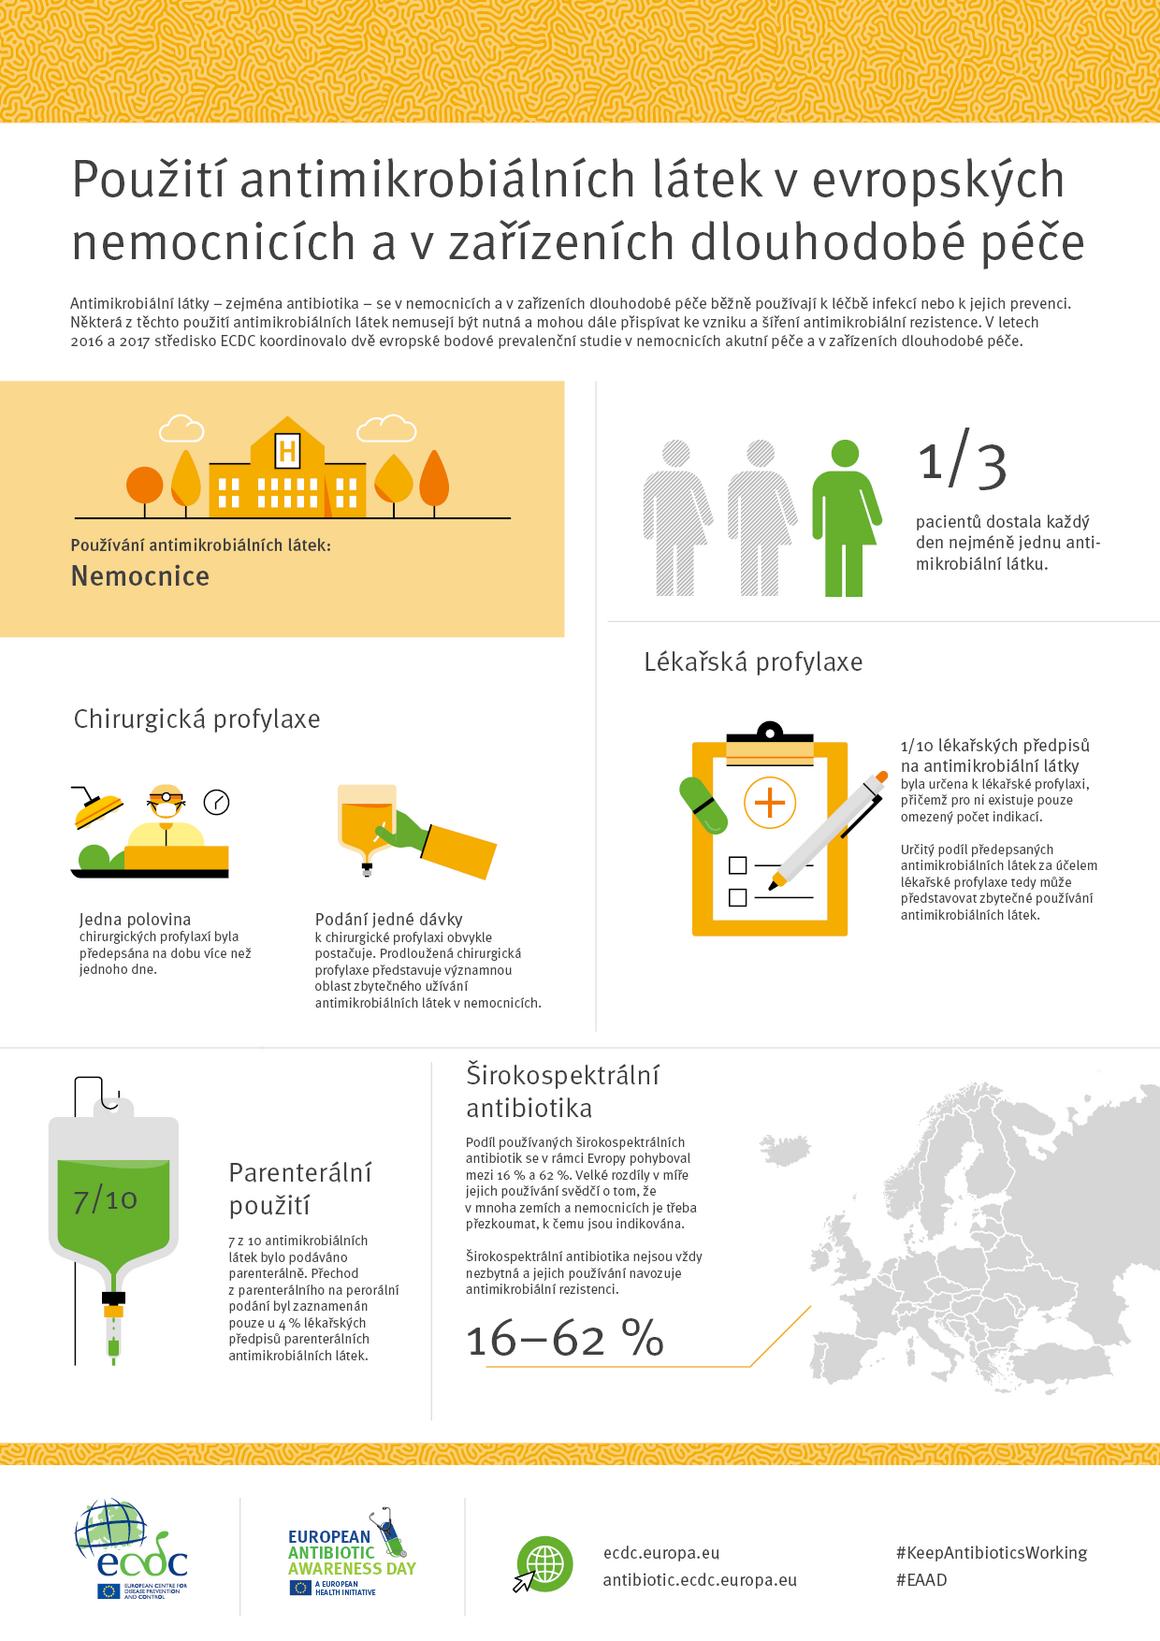 Použití antimikrobiálních látek v evropských nemocnicích a v zařízeních dlouhodobé péče